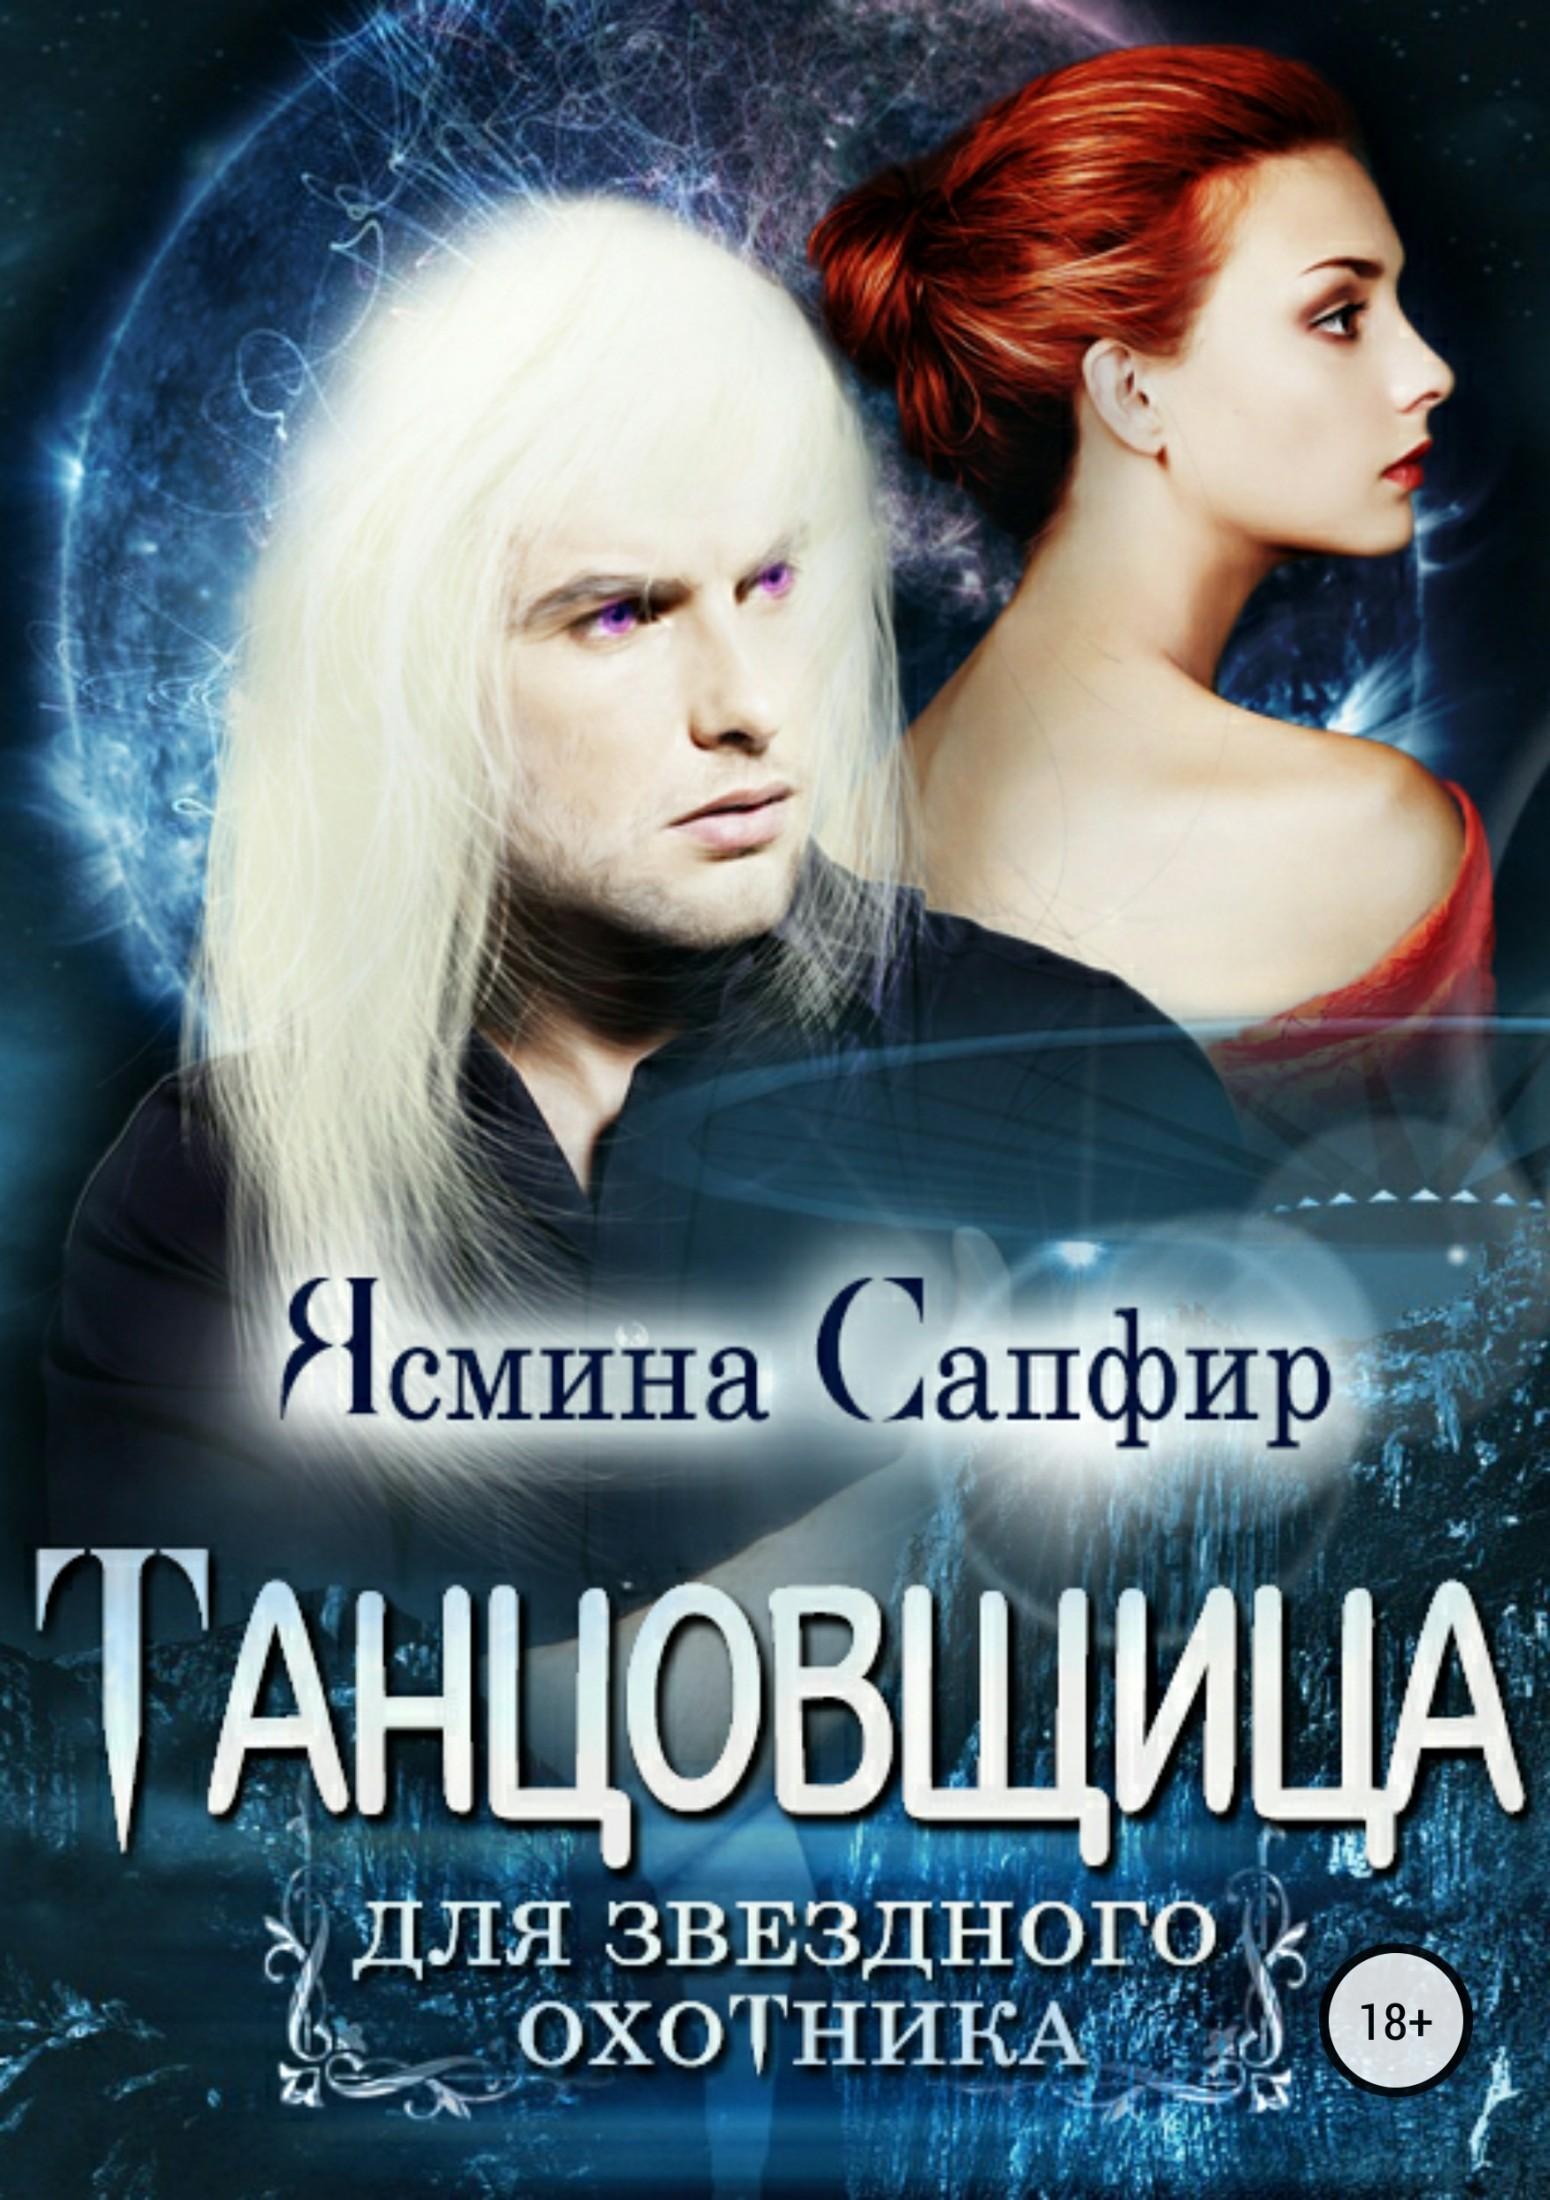 Ясмина Сапфир Танцовщица для звездного охотника юрий васильев дари огонь